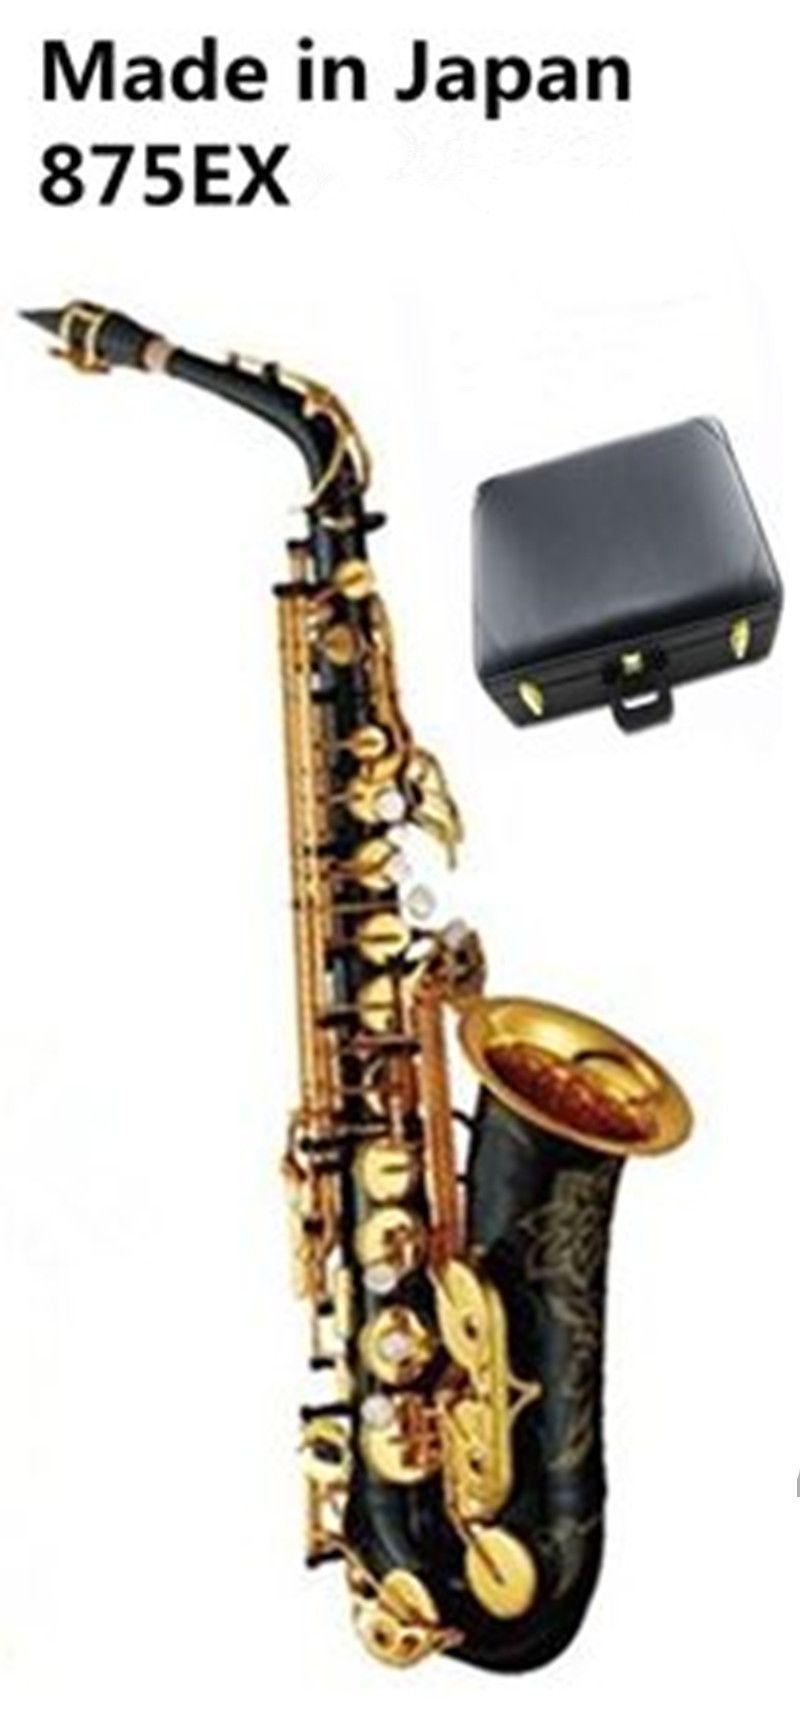 La migliore qualità Black Gold Alto sax YAS-875EX Giappone Marca Alto sassofono E-Flat strumento musicale di livello professionale di trasporto